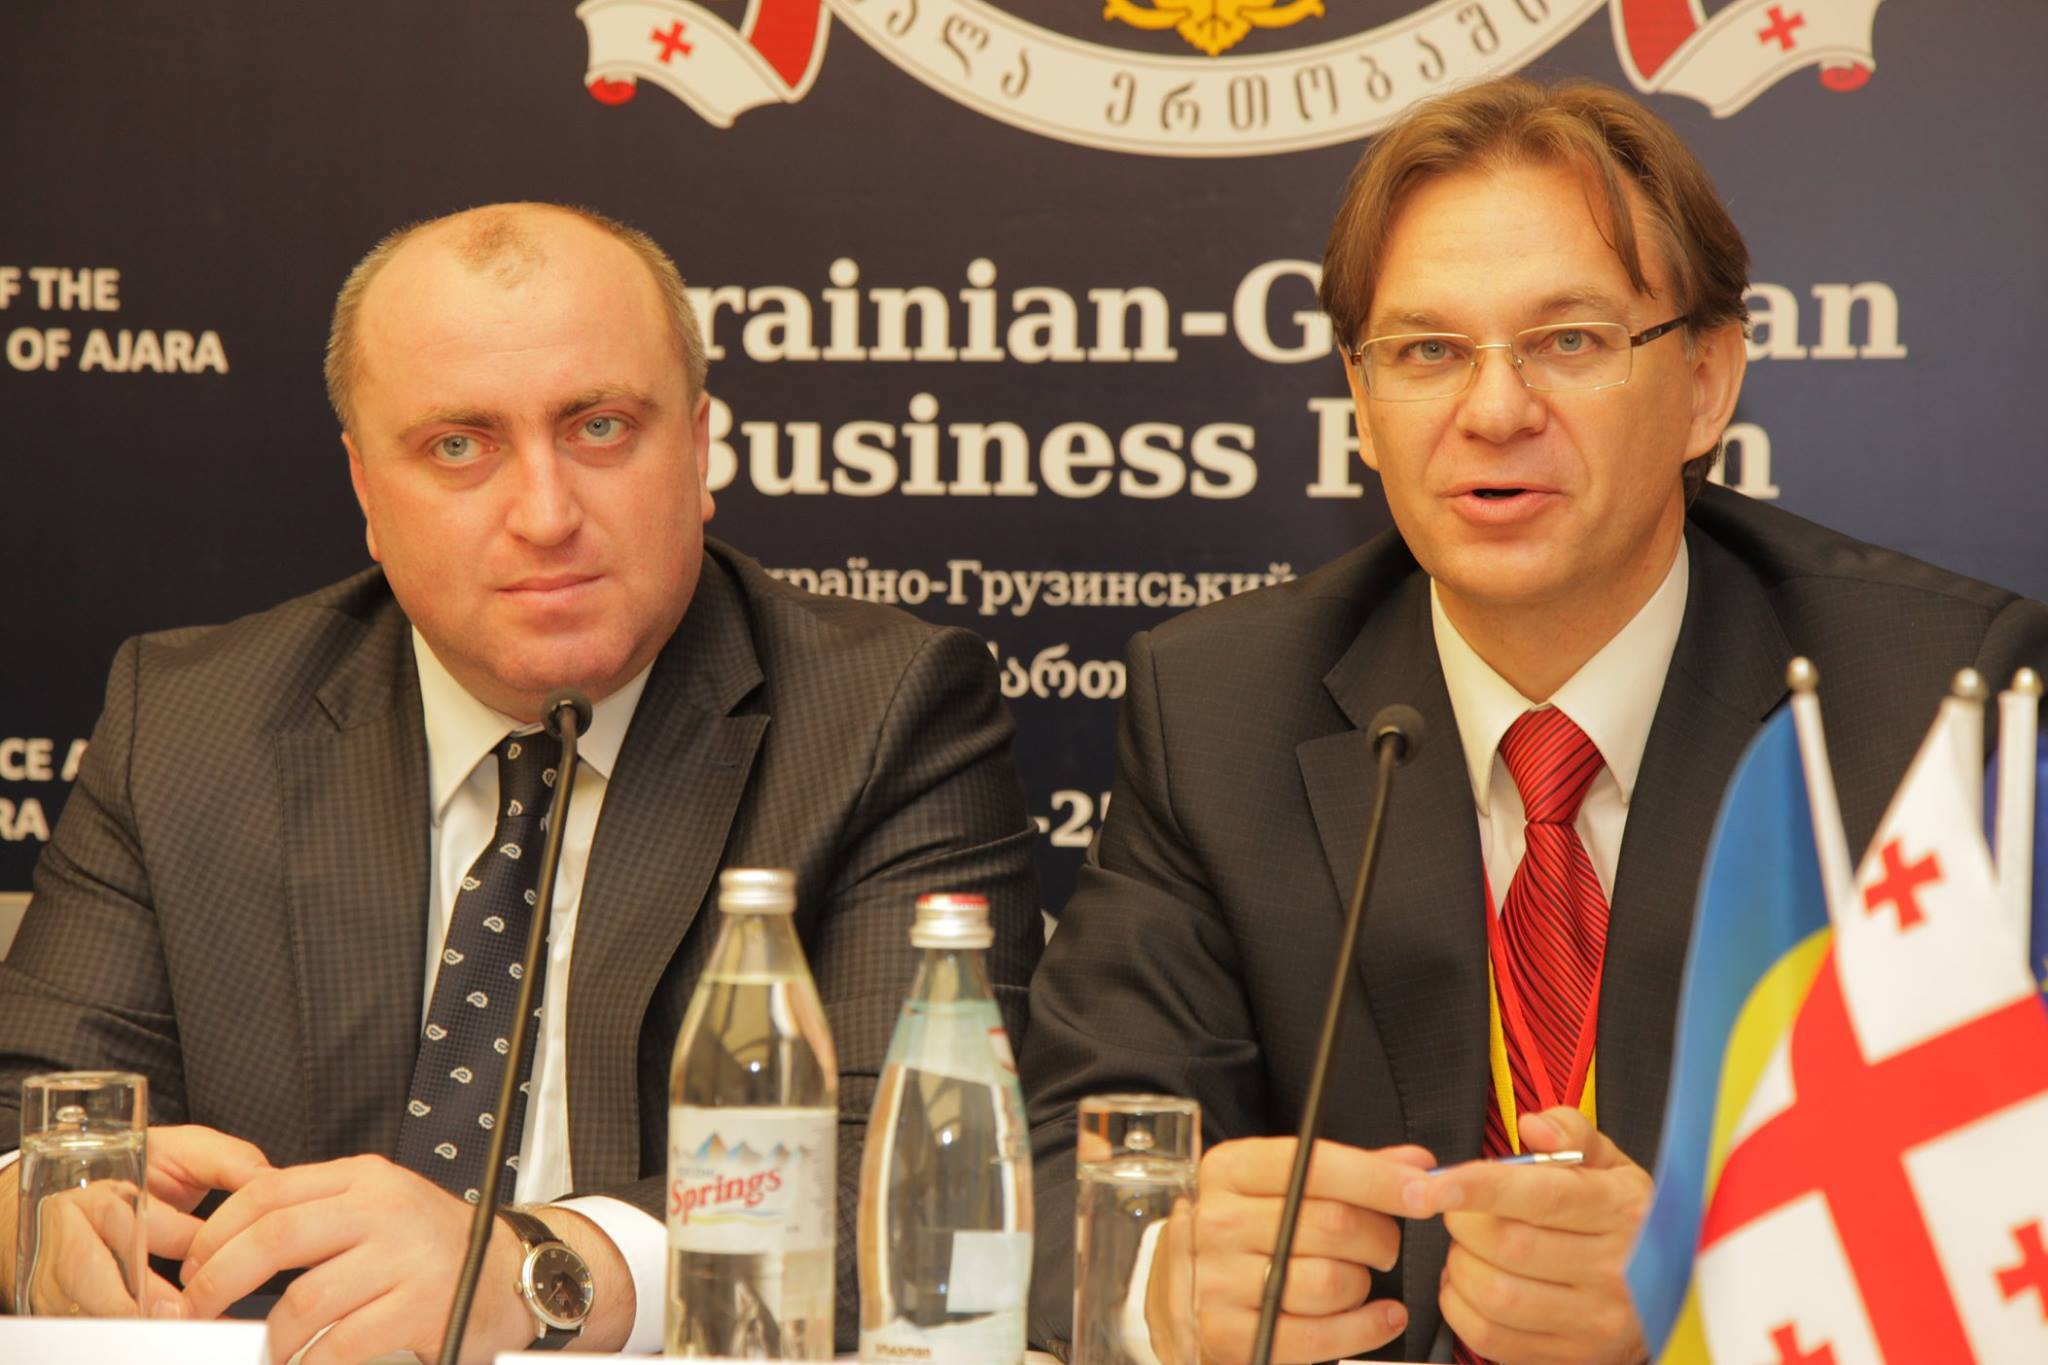 უკრაინულ-ქართული ბიზნეს-ფორუმი